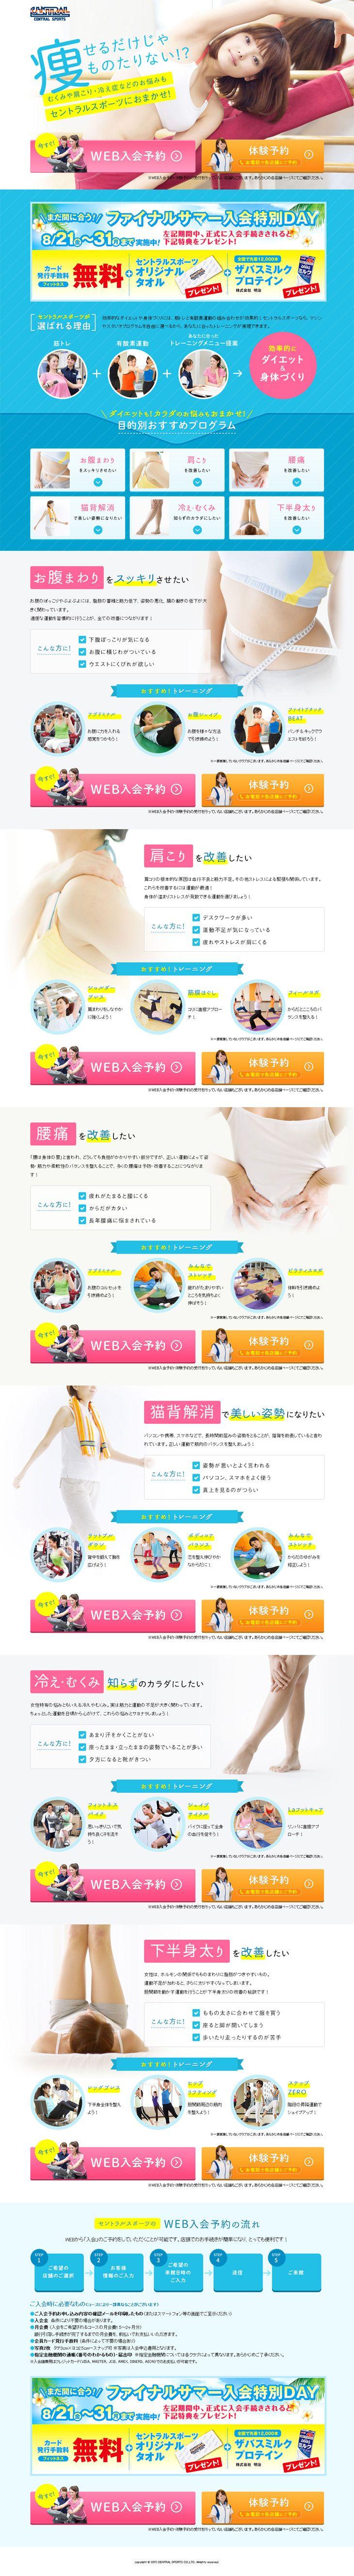 ランディングページ LP ファイナルサマー入会特別DAY|スポーツ・アウトドア|自社サイト